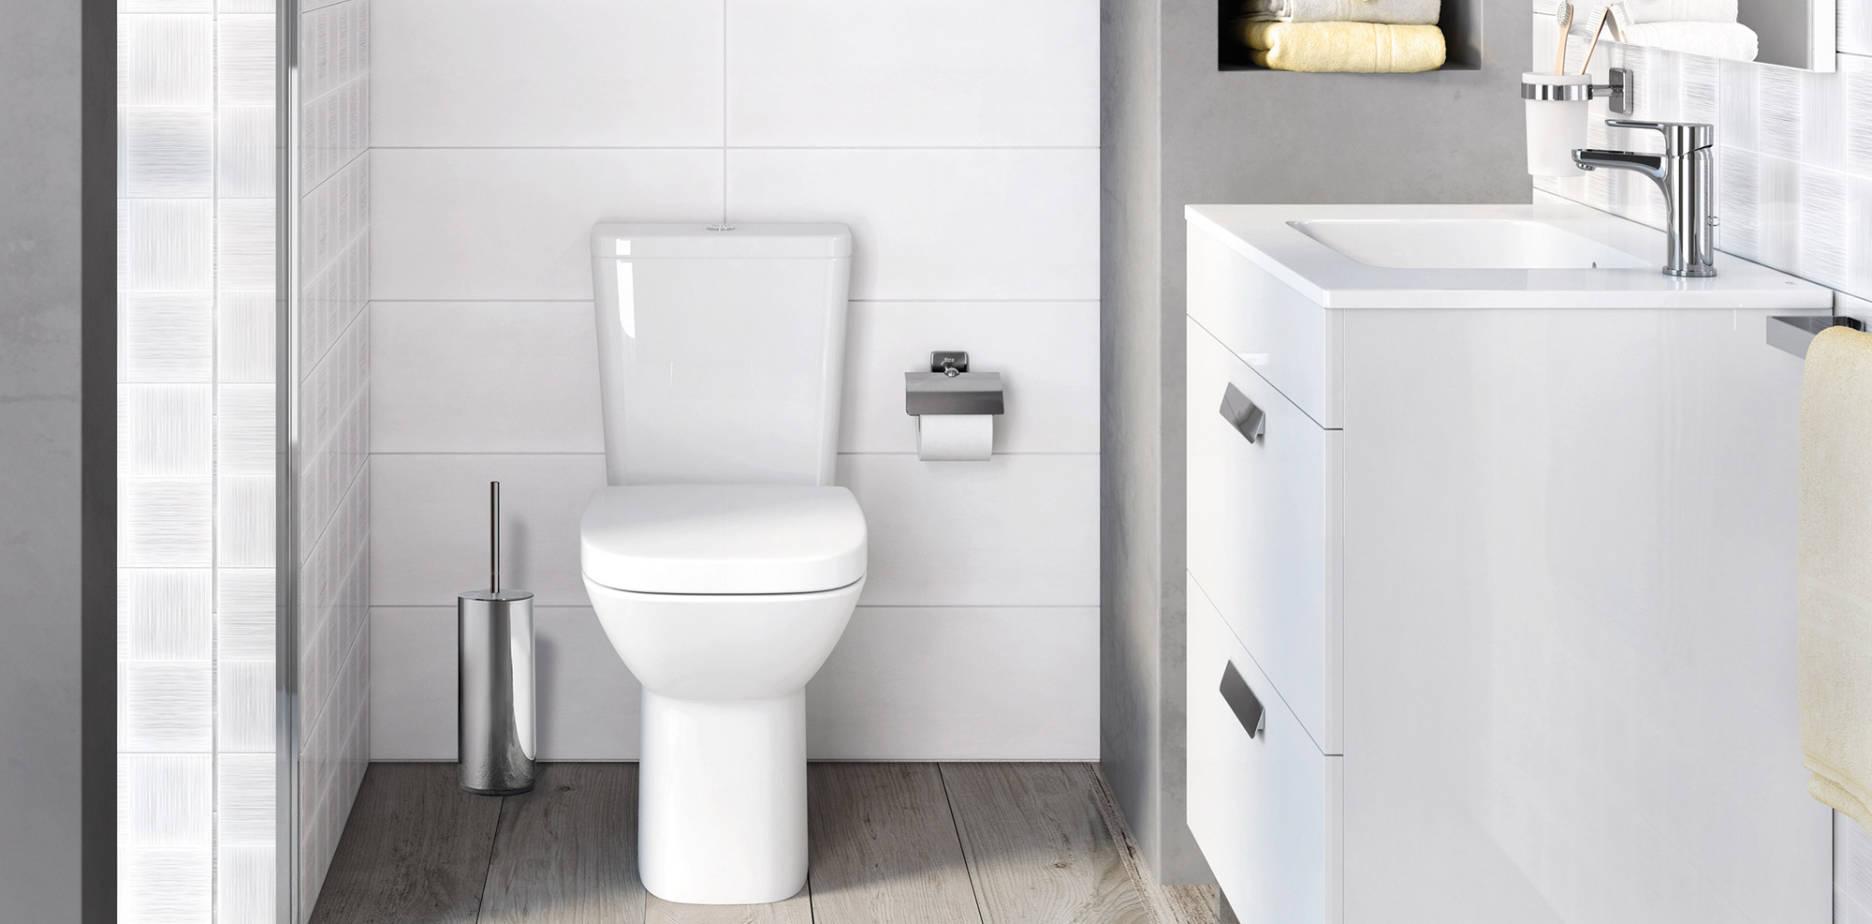 Consejos para reformar un baño pequeño - ALDA Propiedades